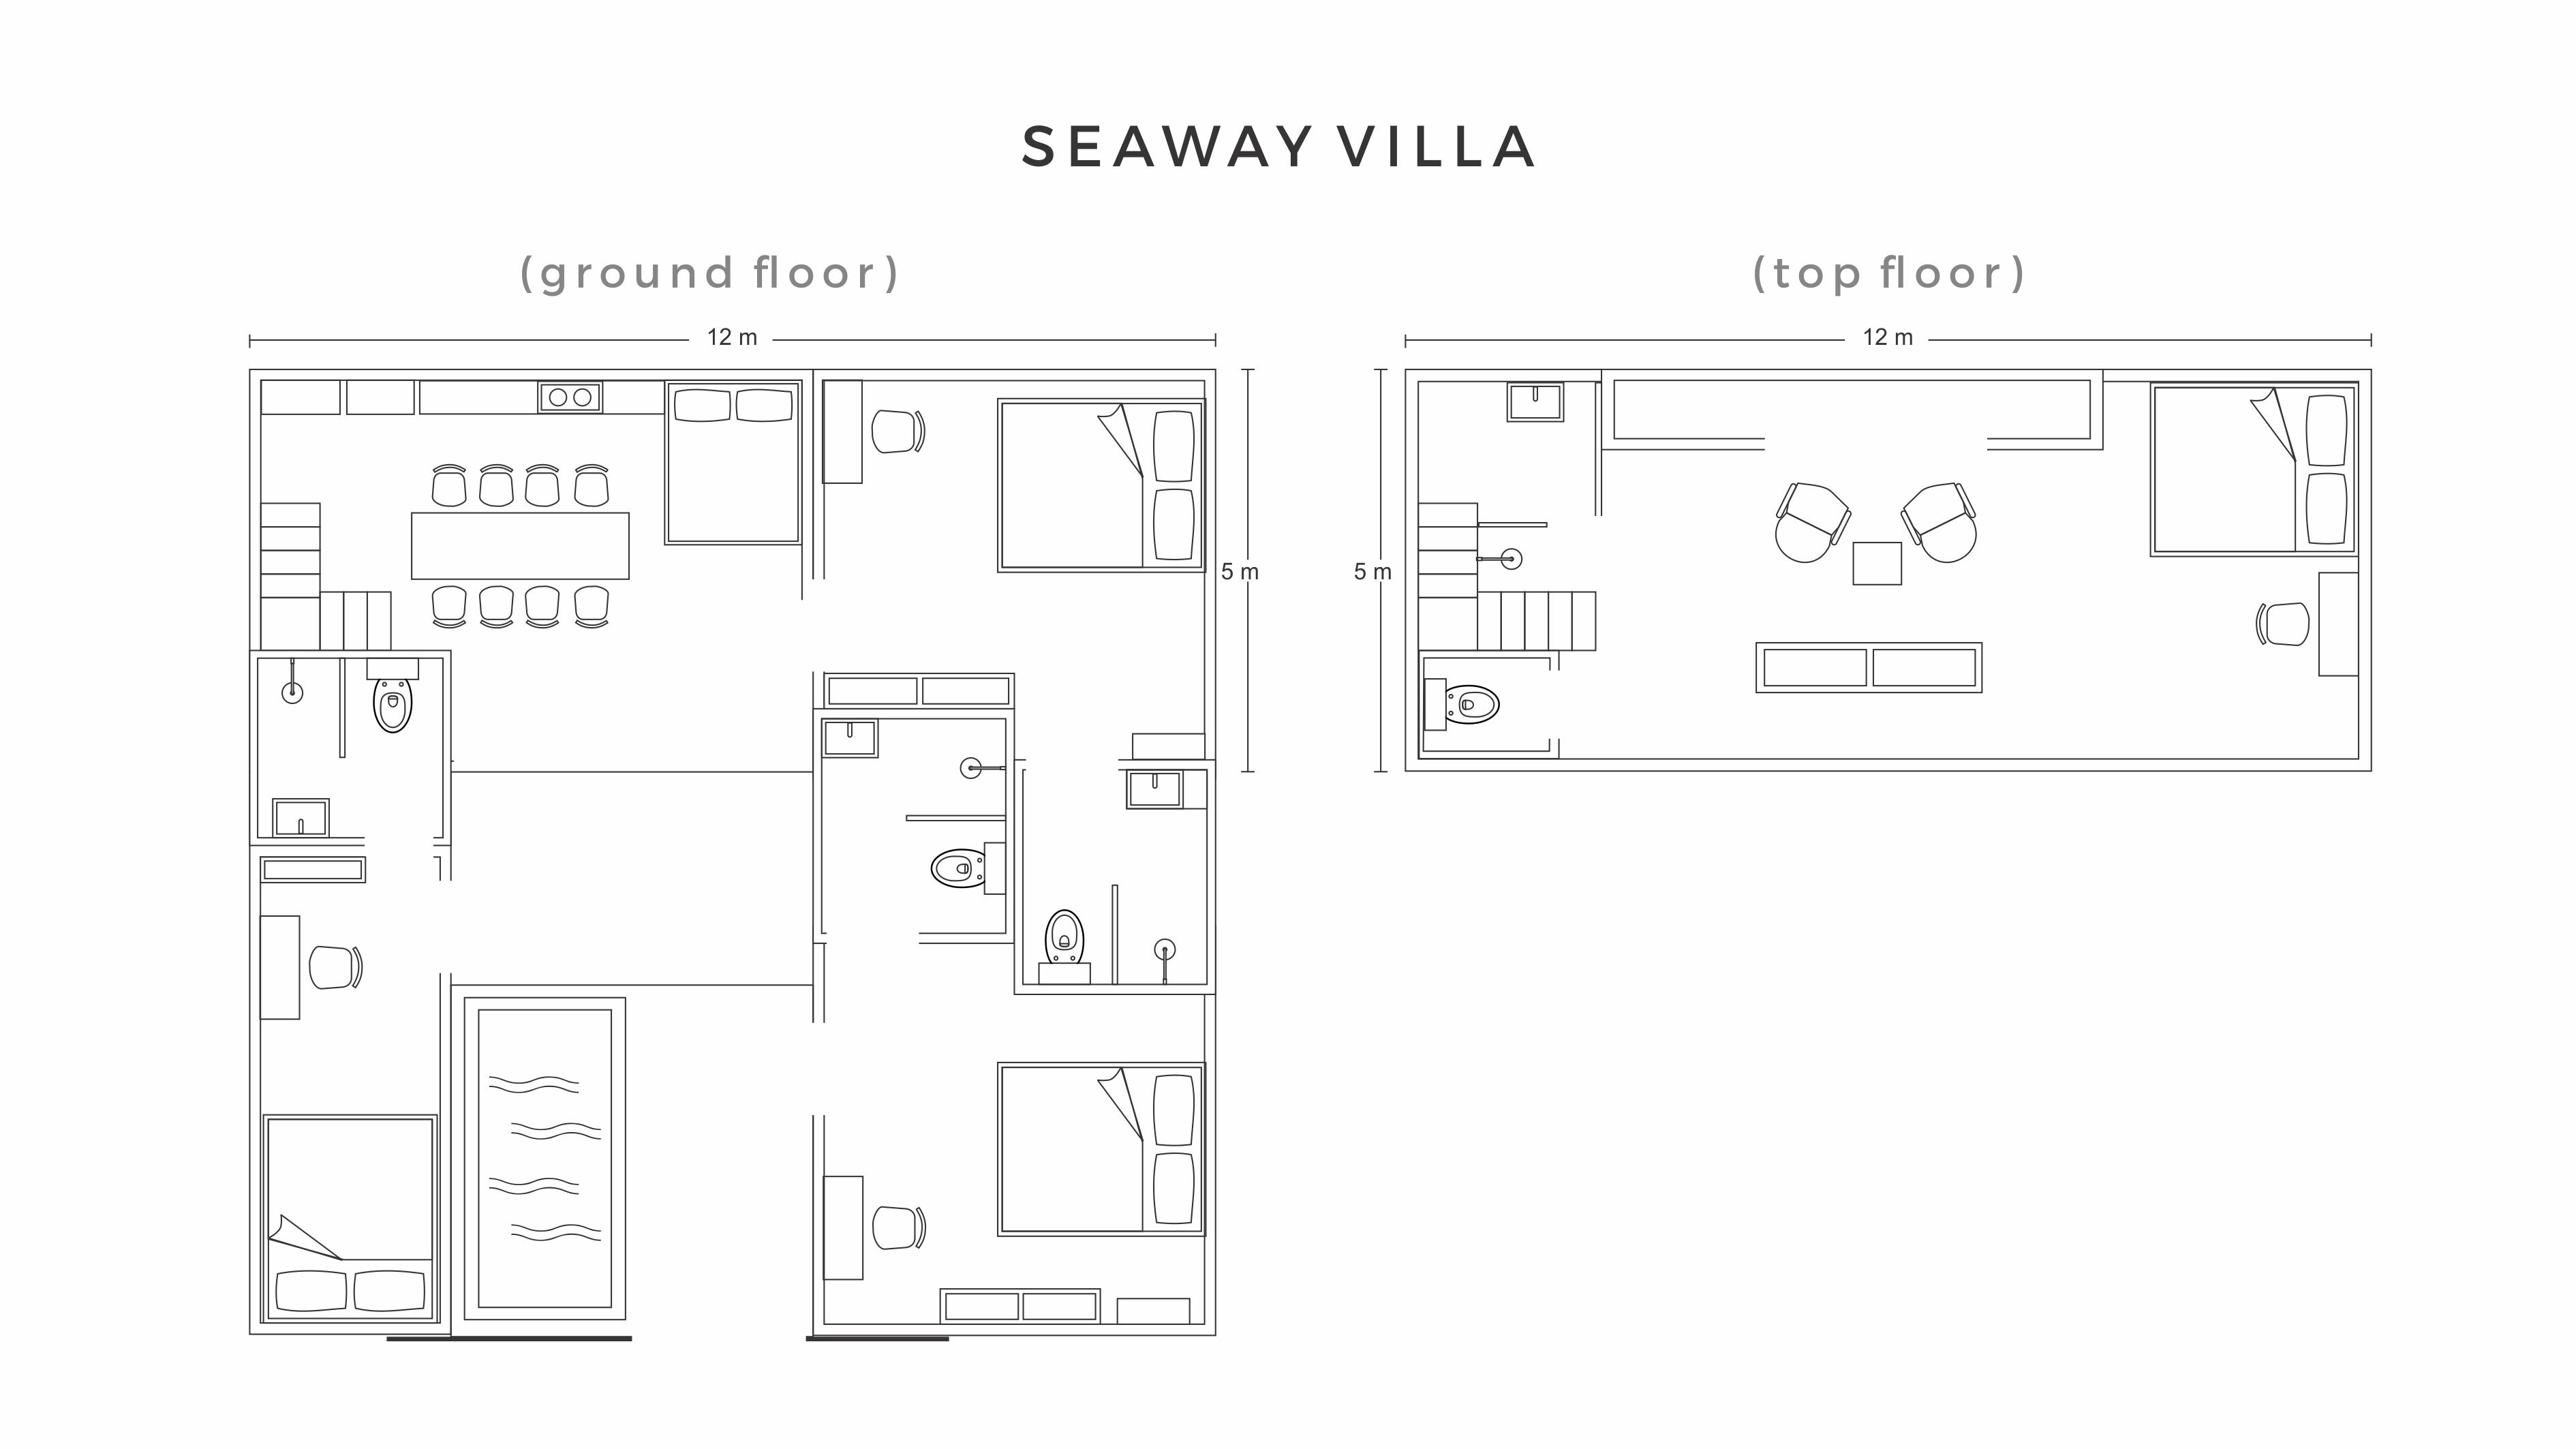 Seaway_Villa_Floor_Plan